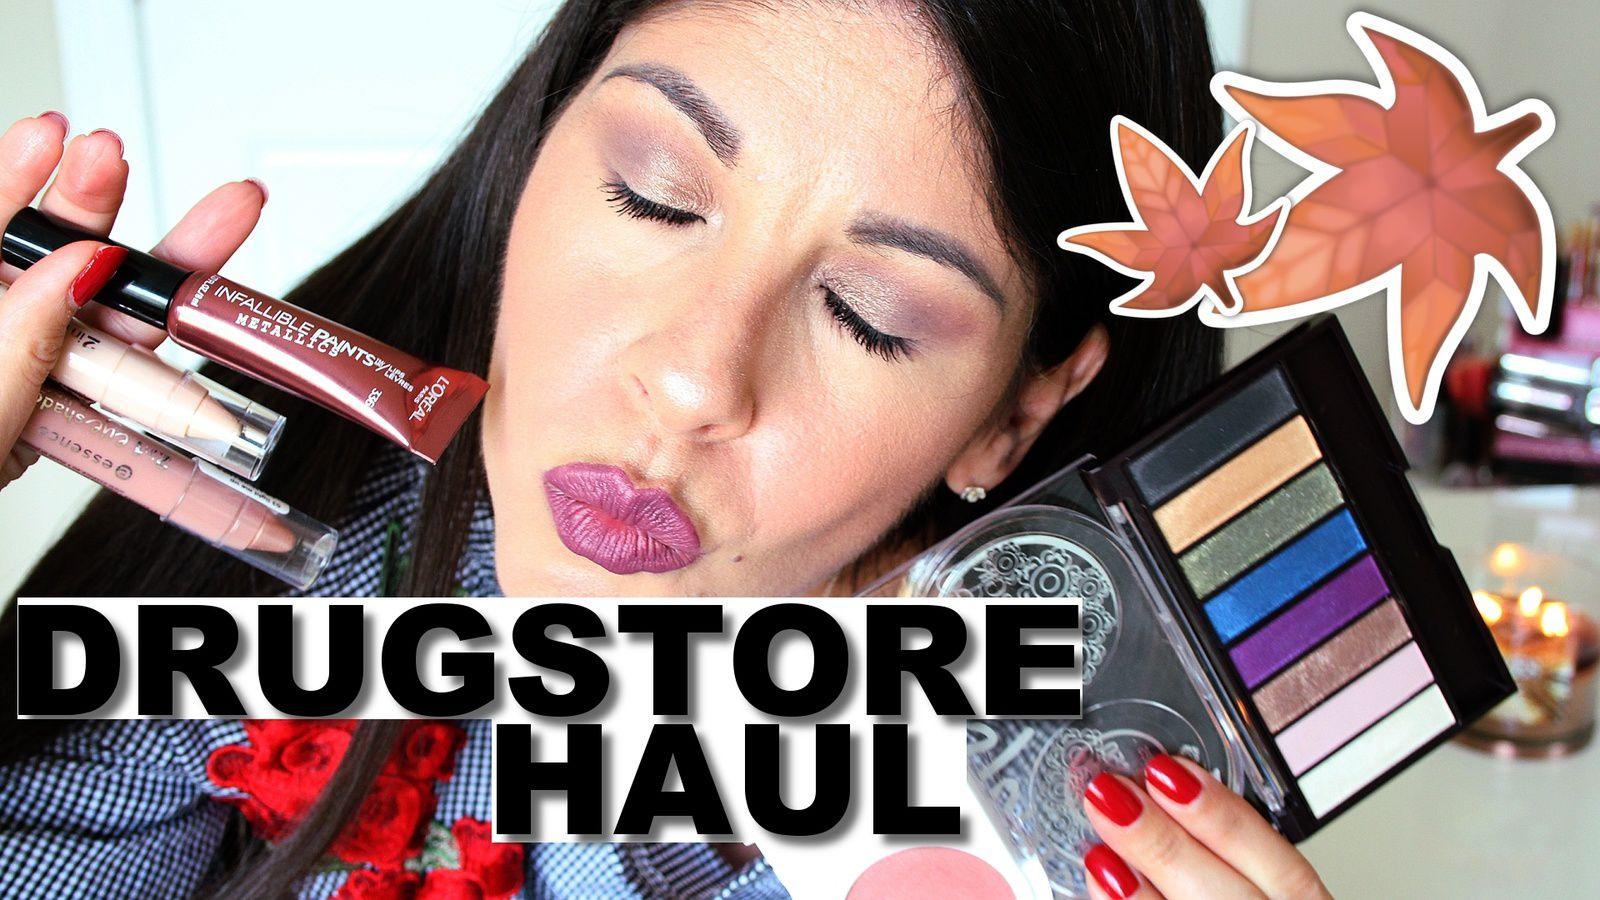 Fall Drugstore Makeup HAUL!!! 2017